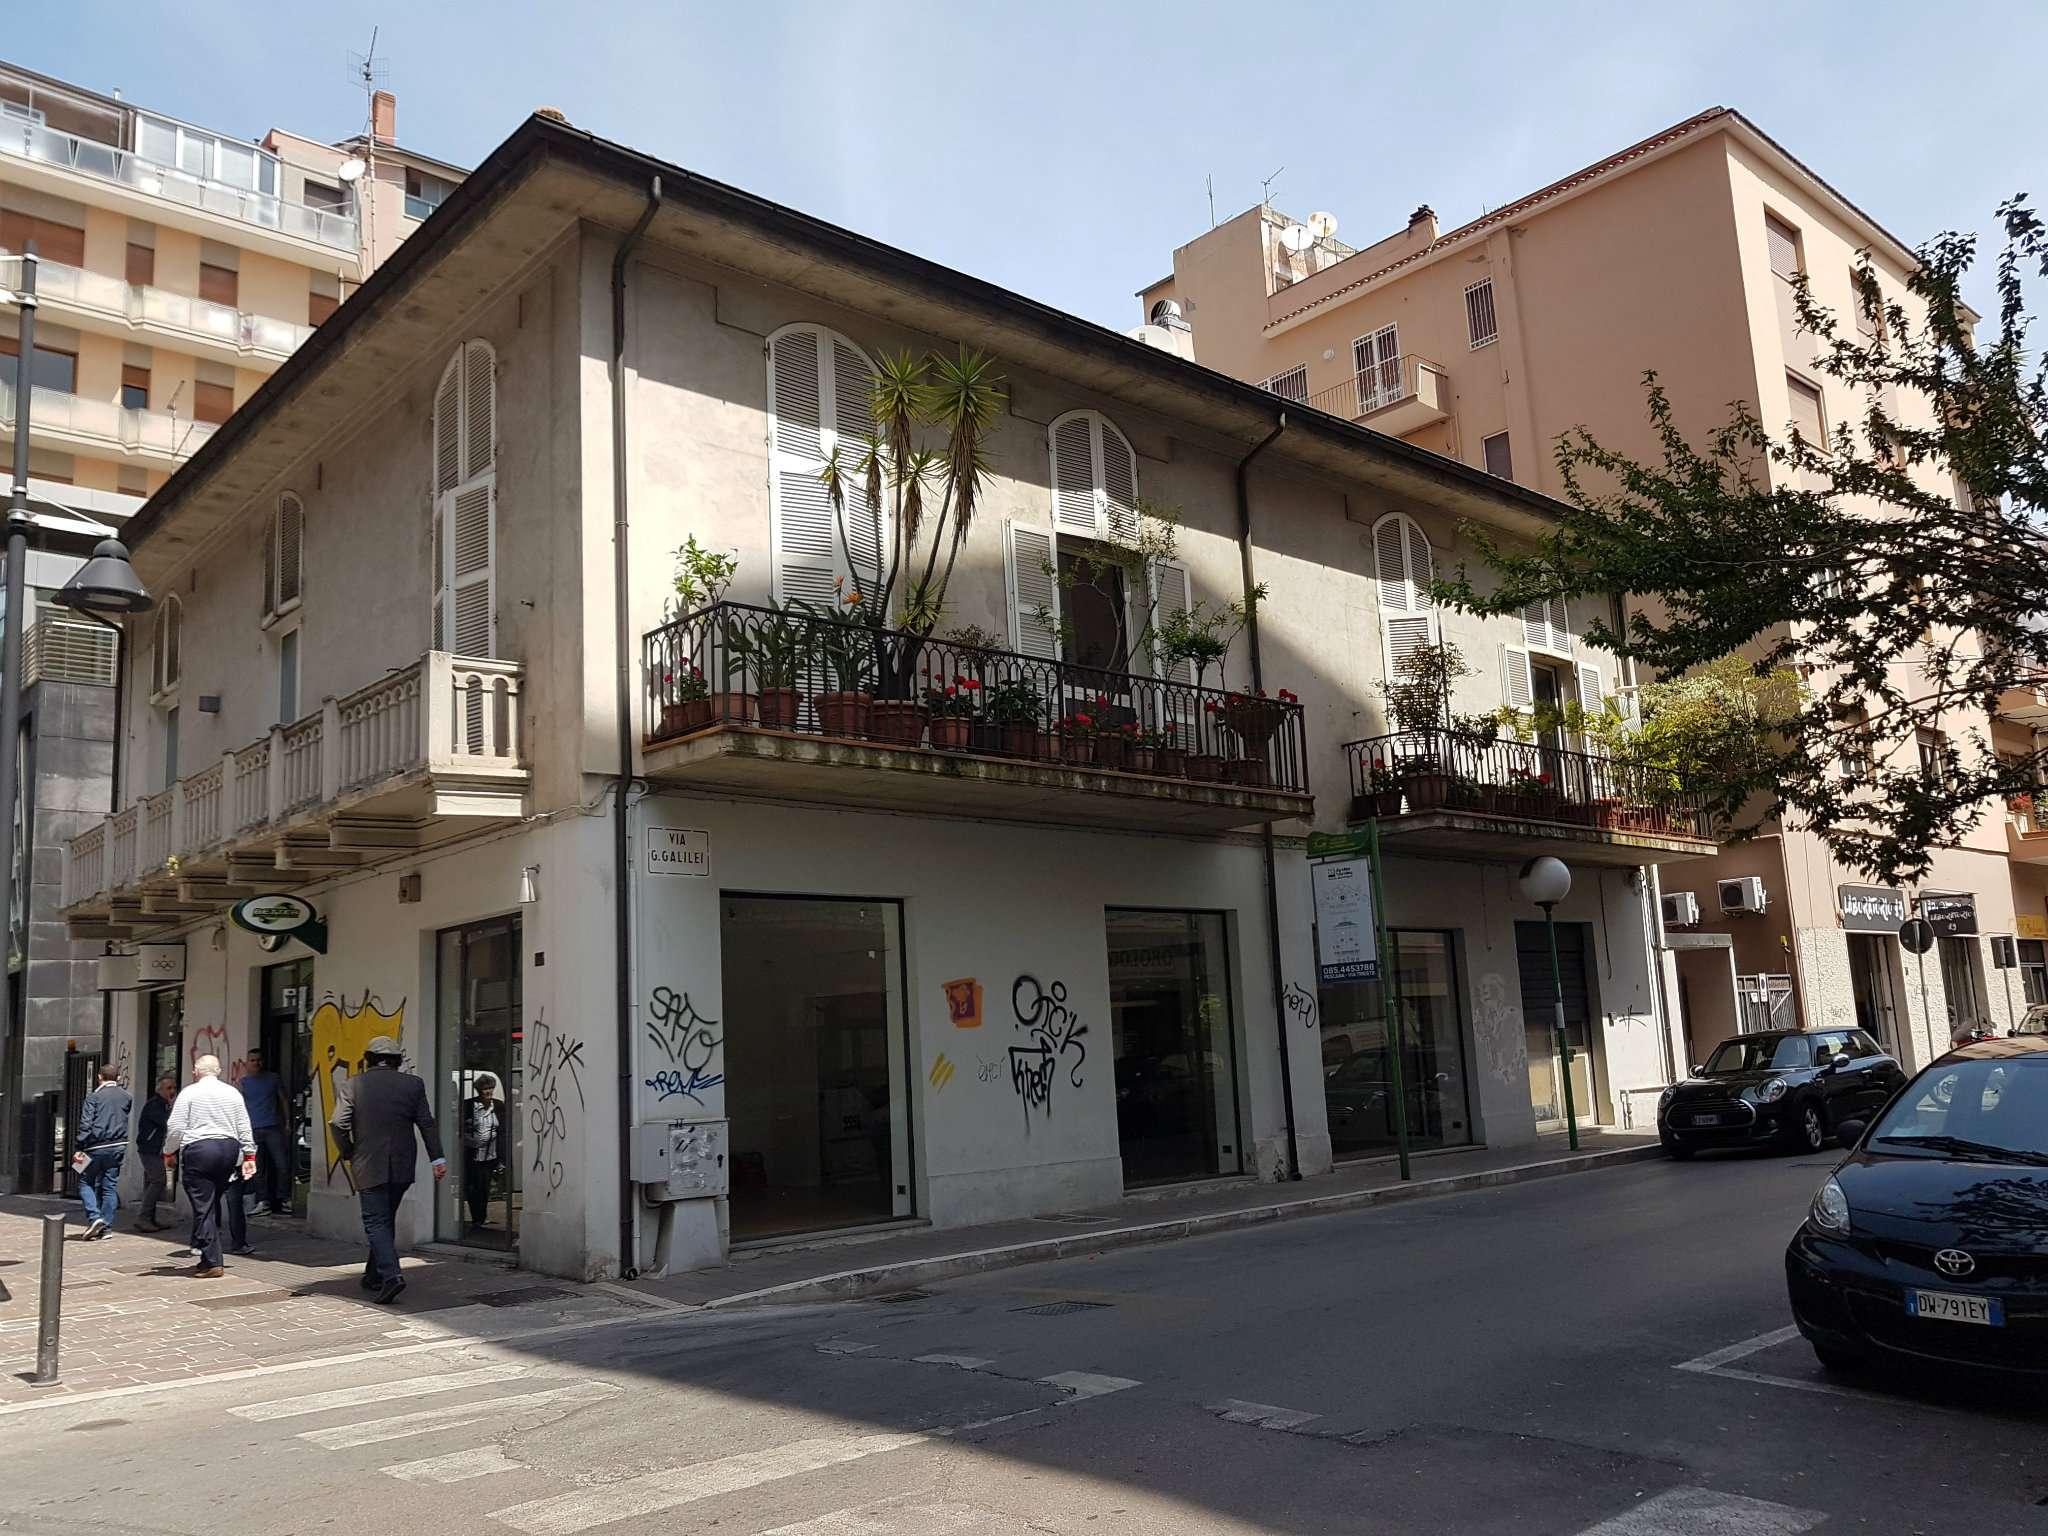 Negozio / Locale in affitto a Pescara, 3 locali, prezzo € 3.000 | CambioCasa.it